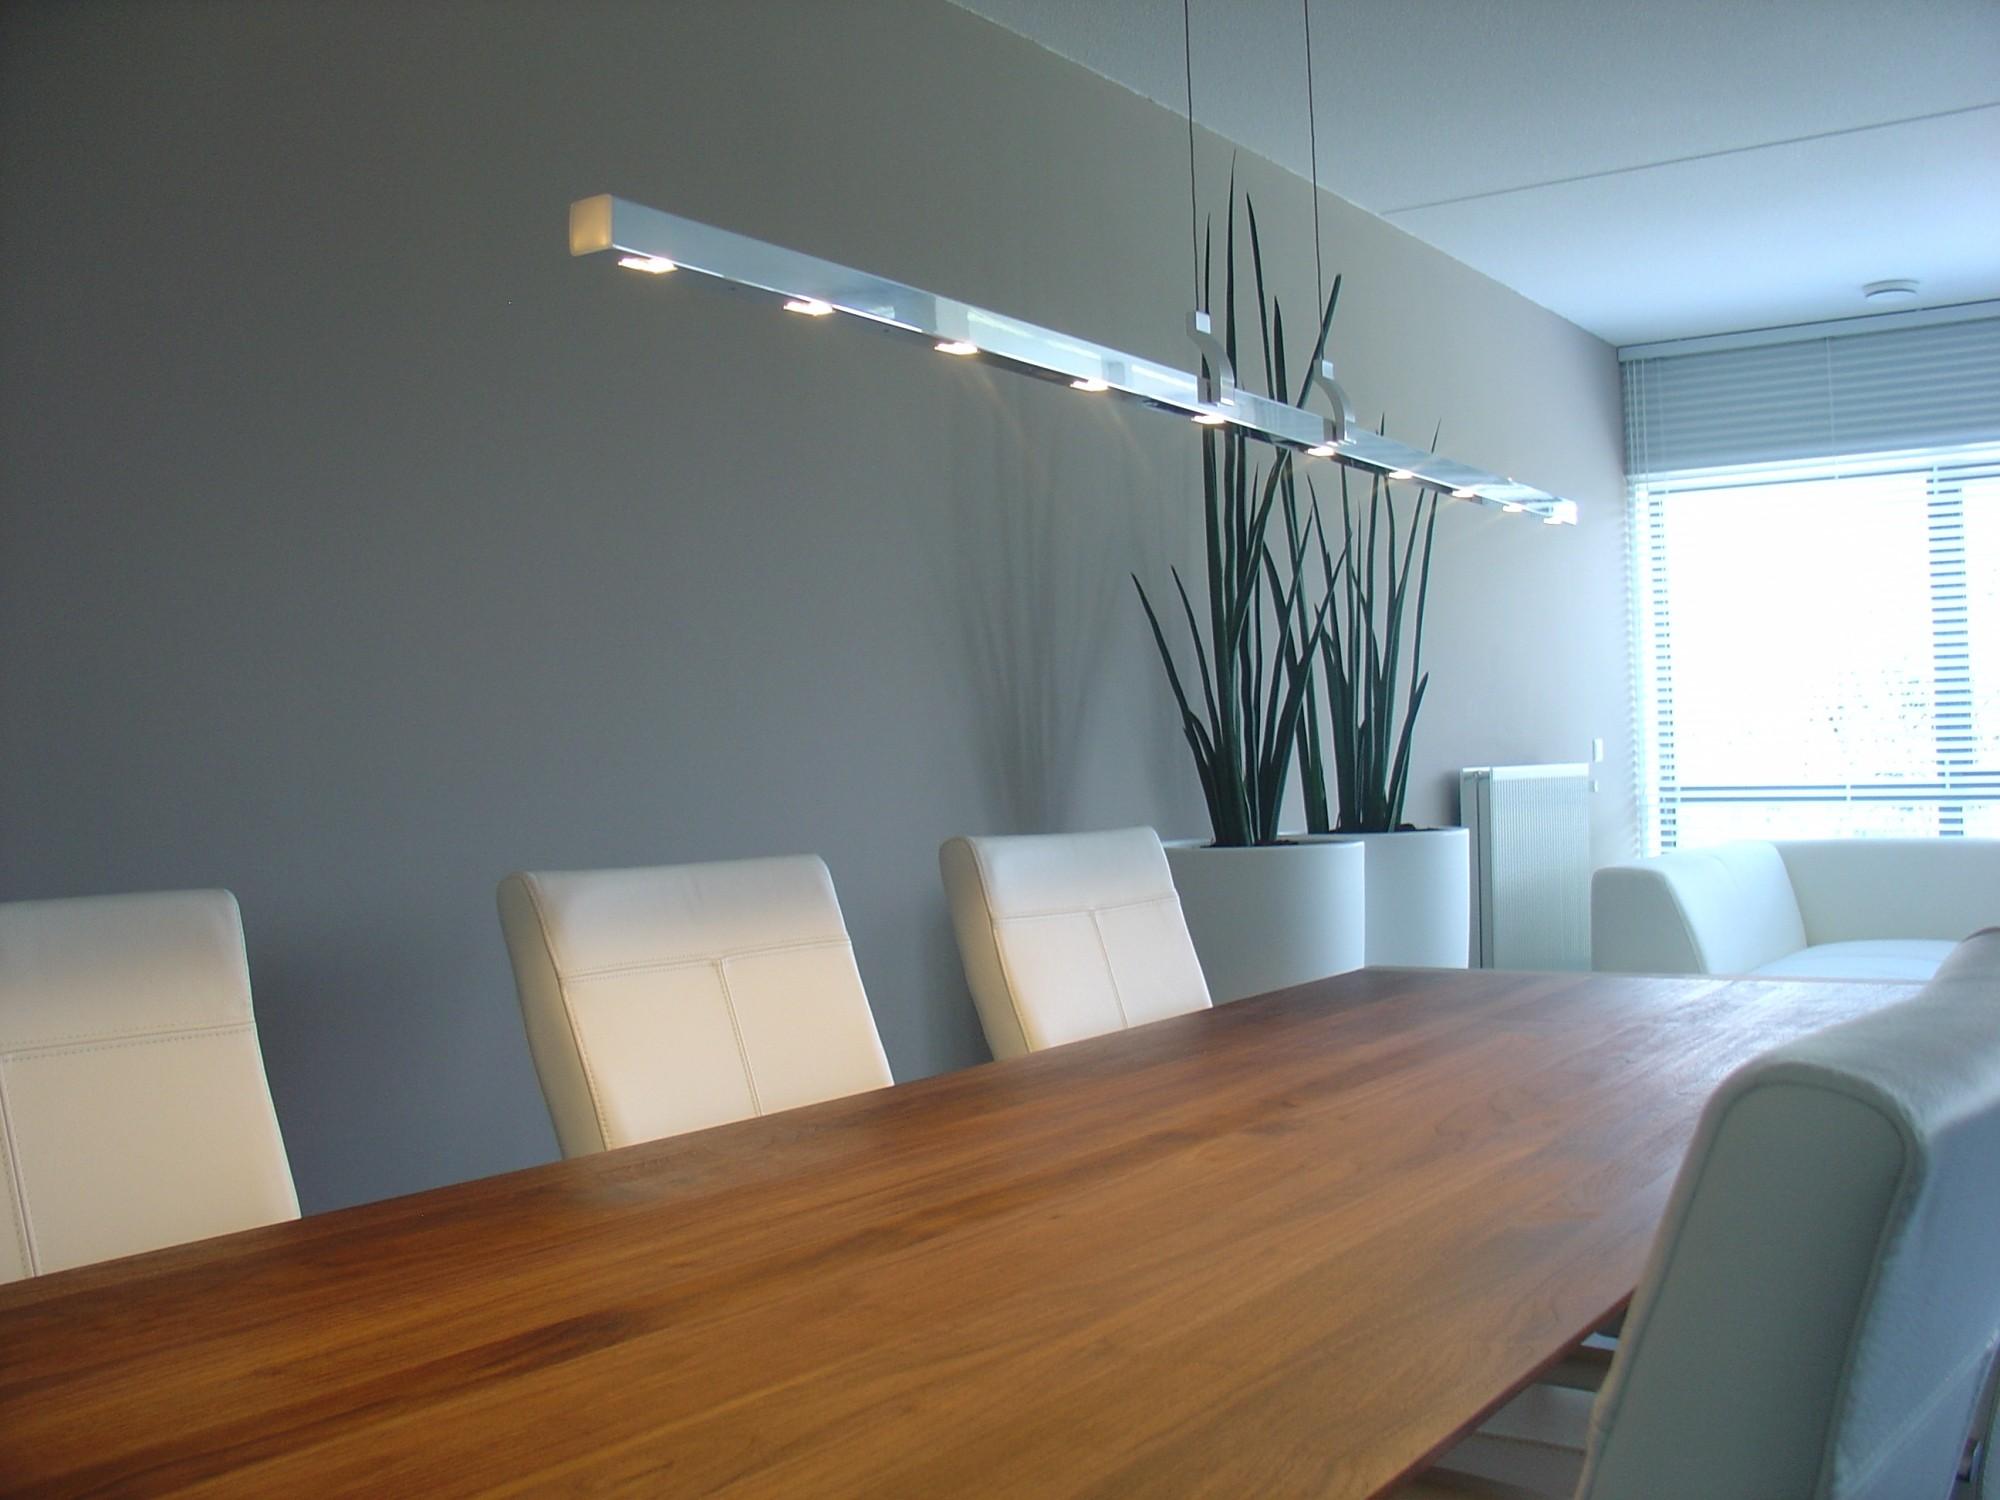 Extendable wood verlengbare tafel uitschuifbare tafel nu zeer